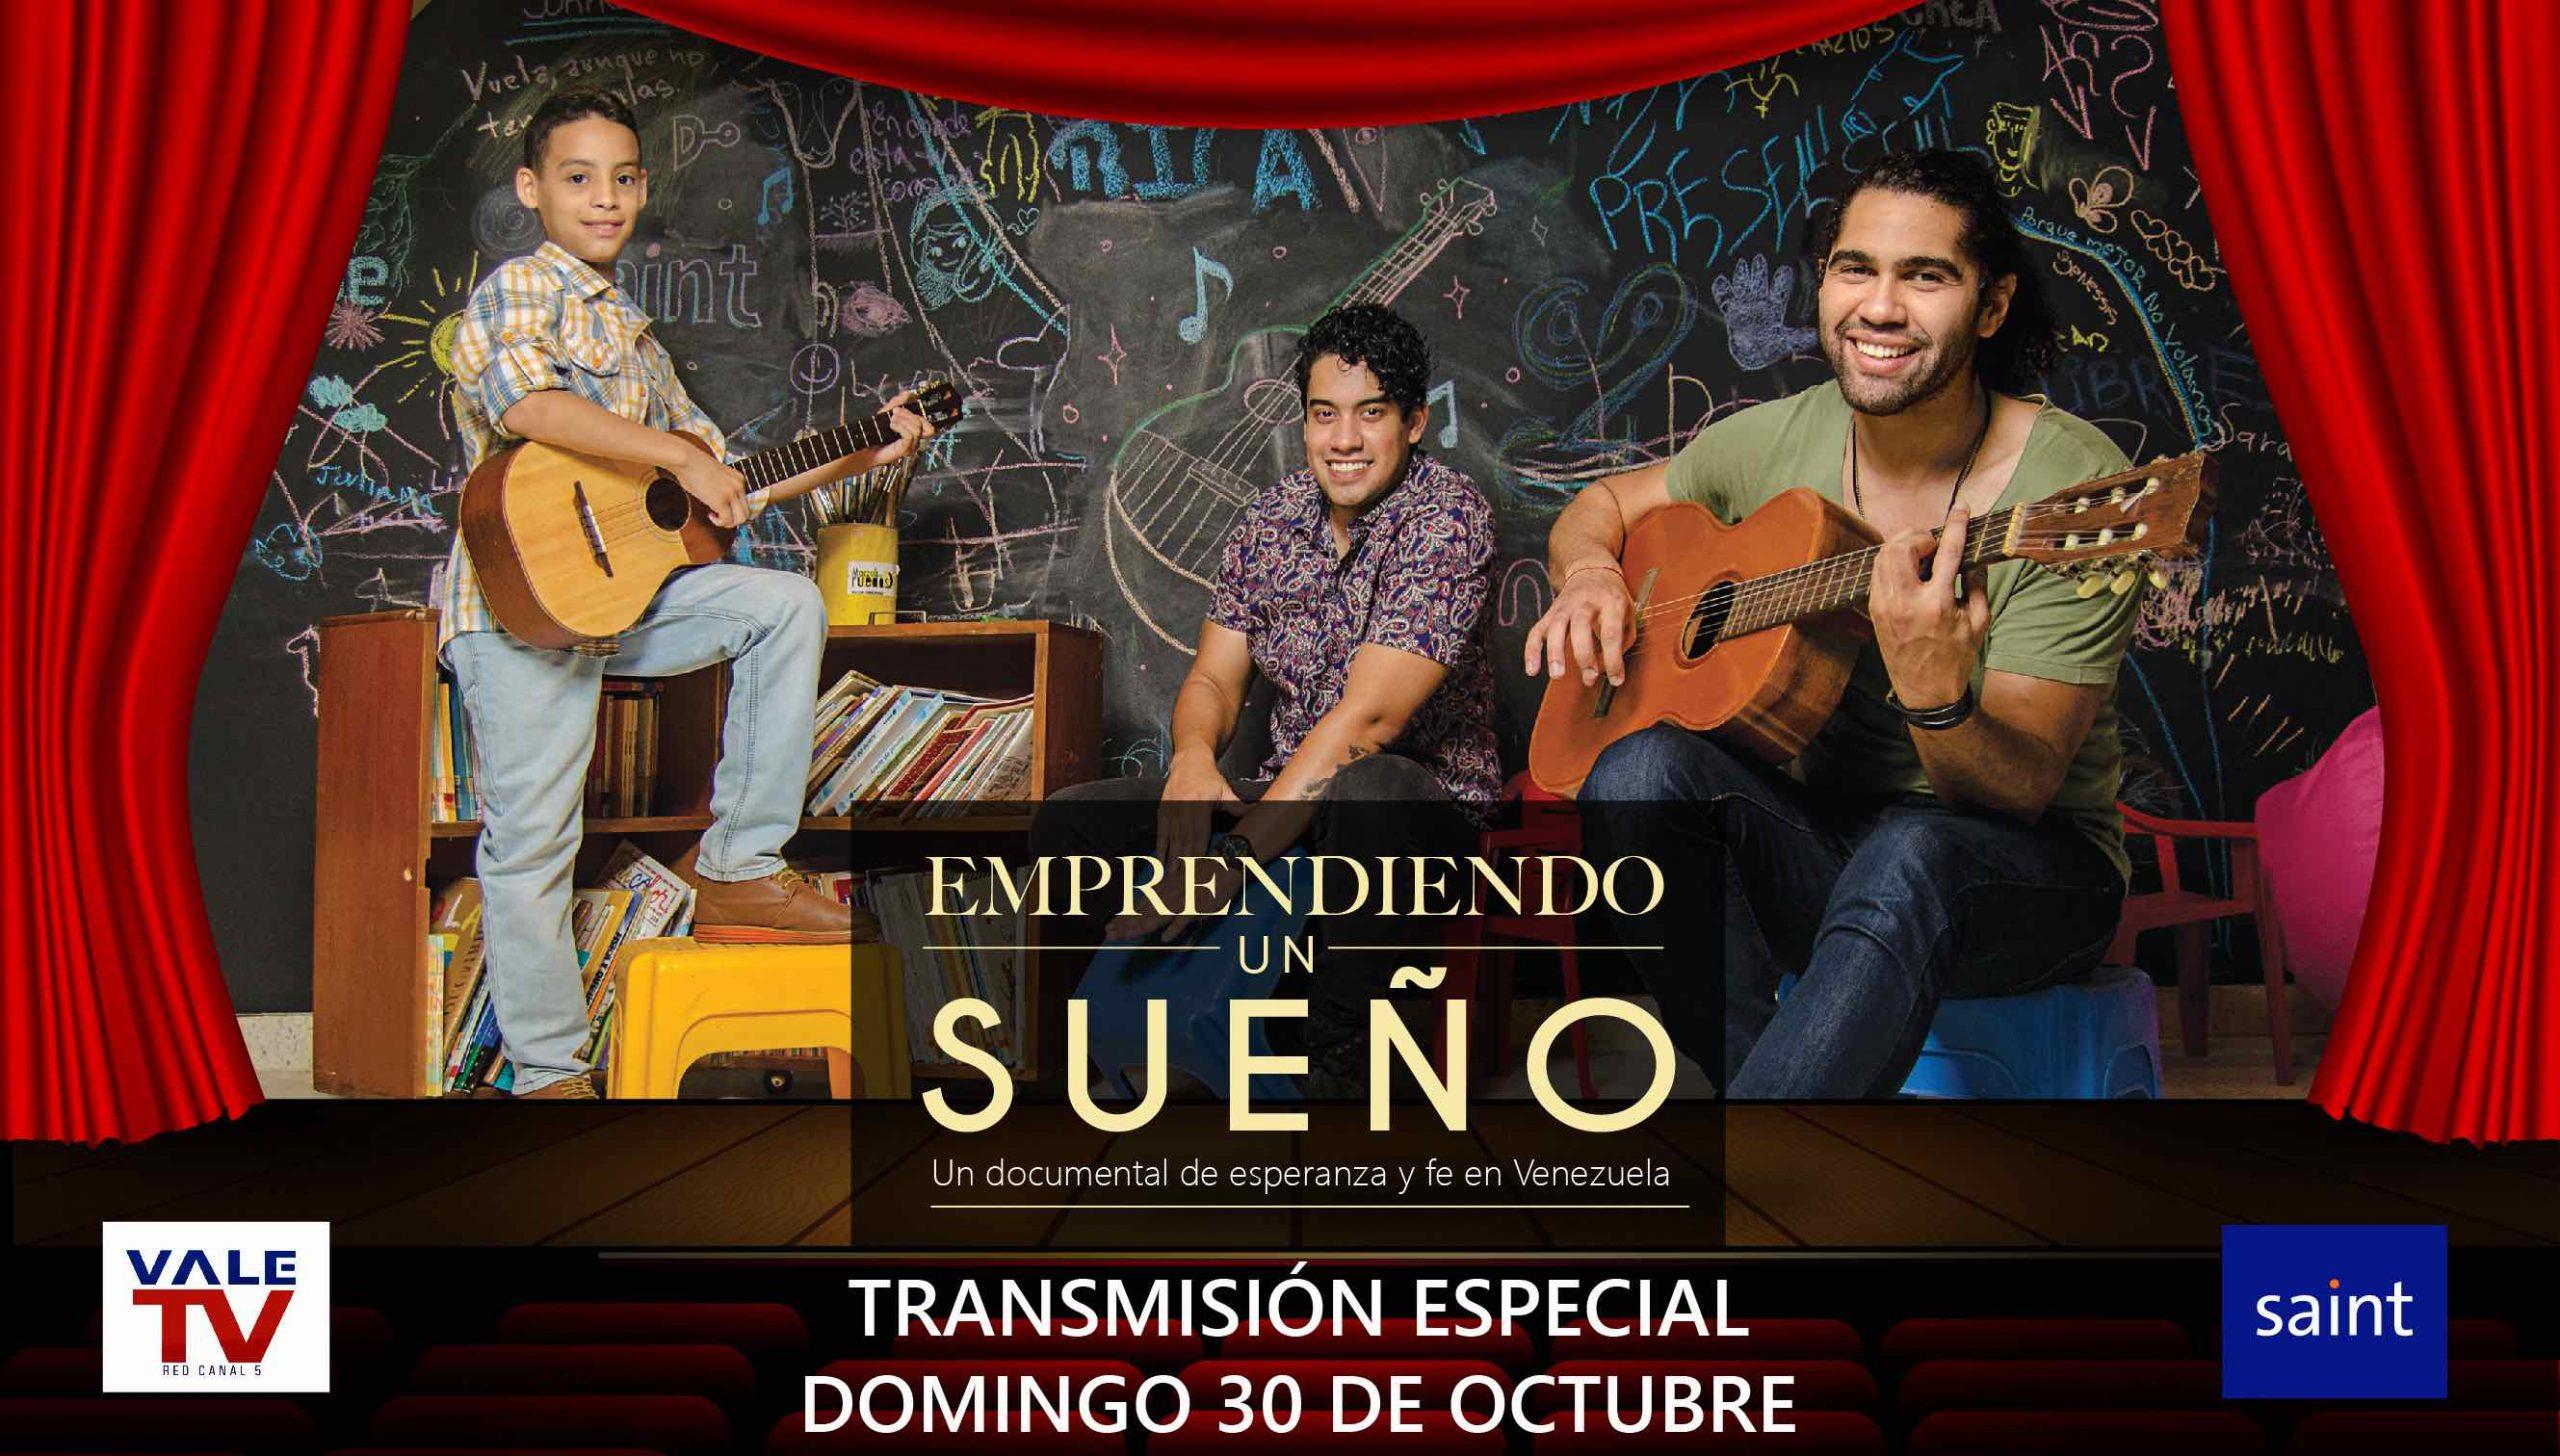 Emprendiendo un sueño. Un documental de esperanza y fe en Venezuela.